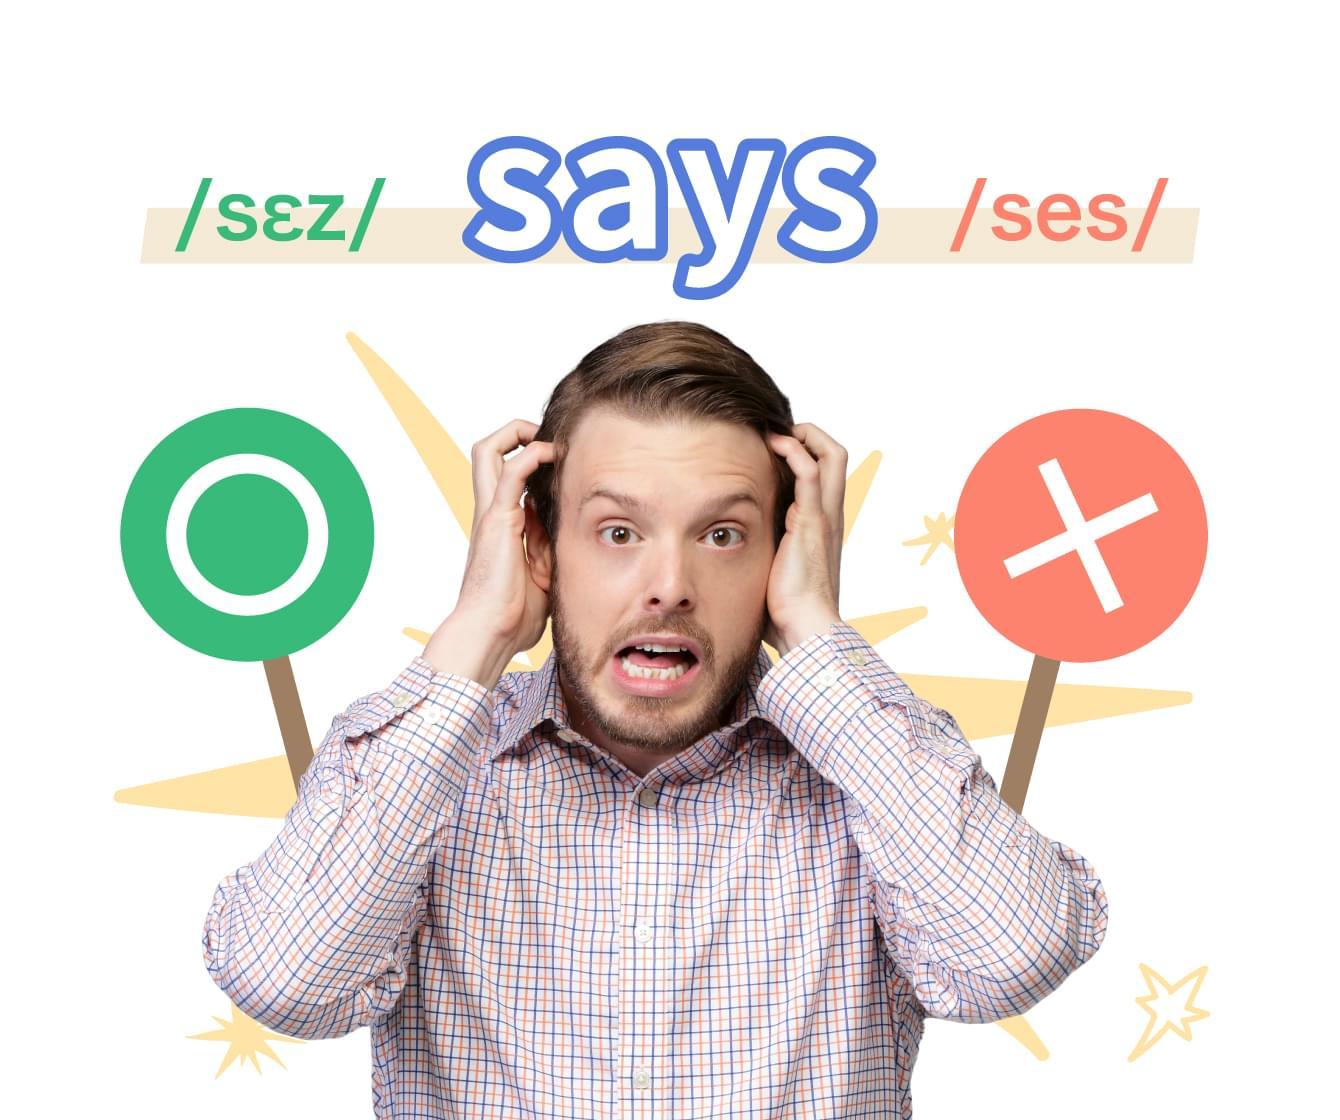 布萊恩矯正發音 帶你說一口道地英文 - 常遇到的問題